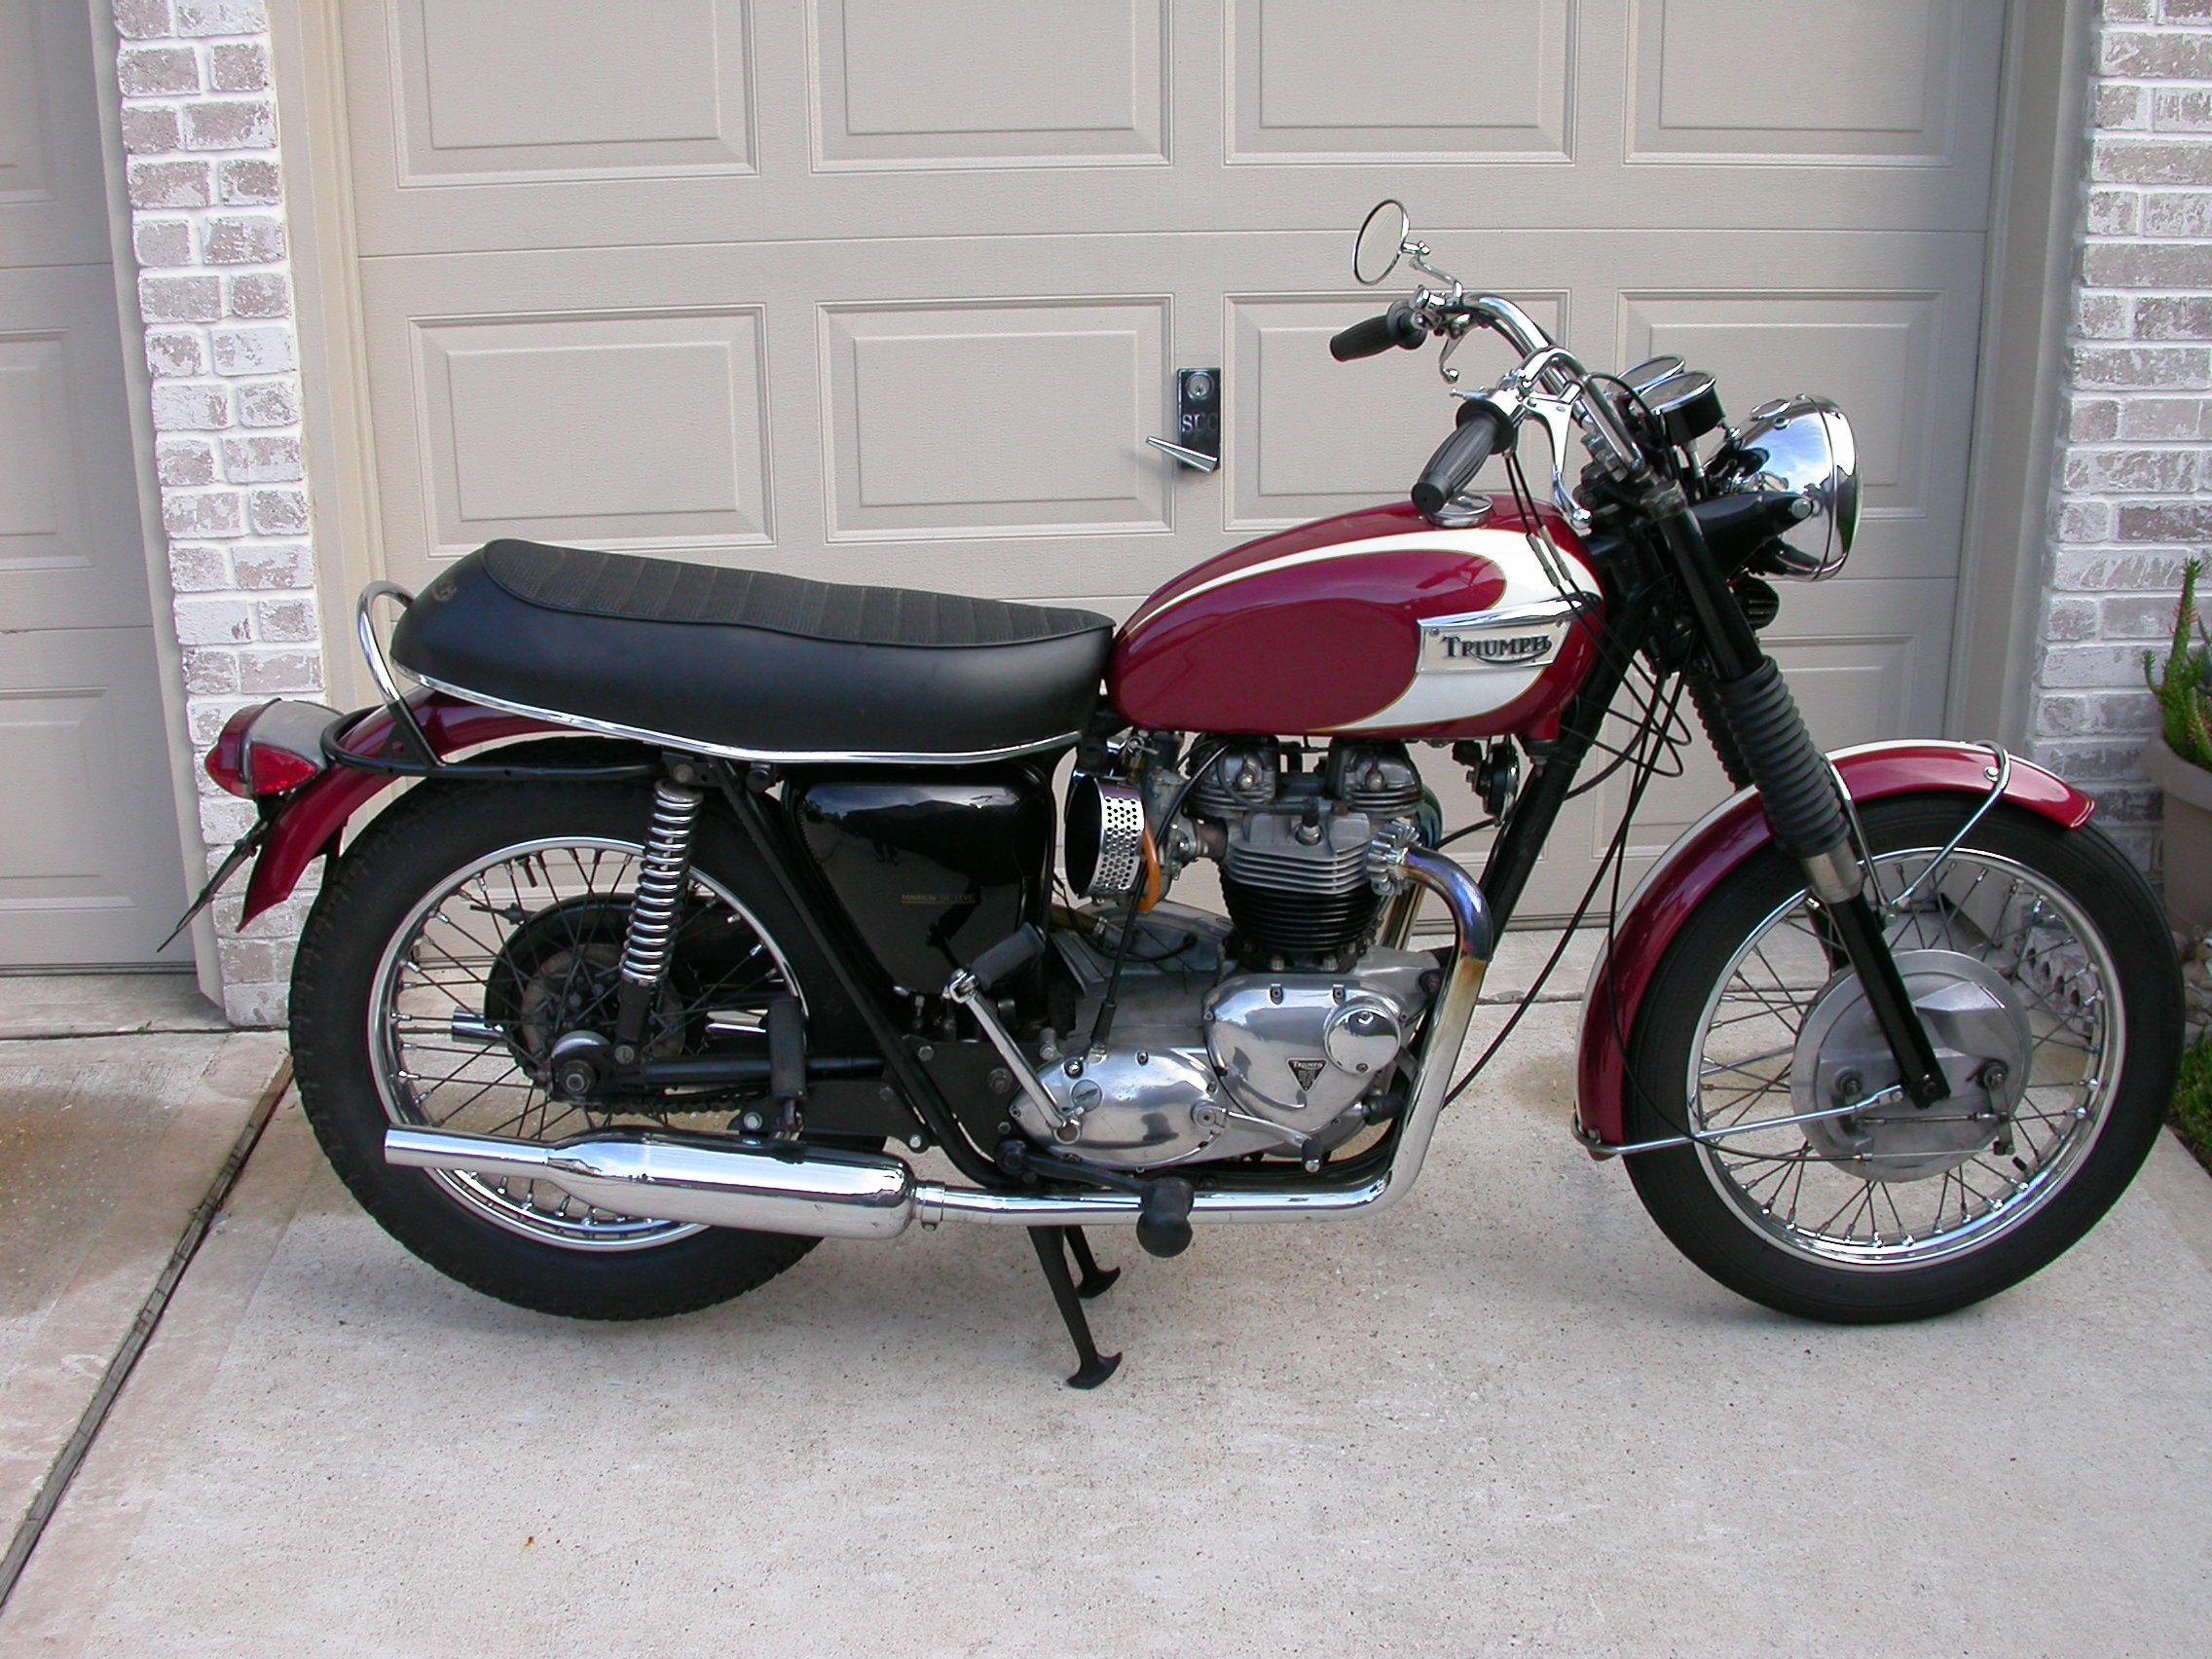 1970 Triumph Bonneville T120rt Triumph Bikes Triumph Motorcycles Classic Motorcycles [ 1704 x 2272 Pixel ]